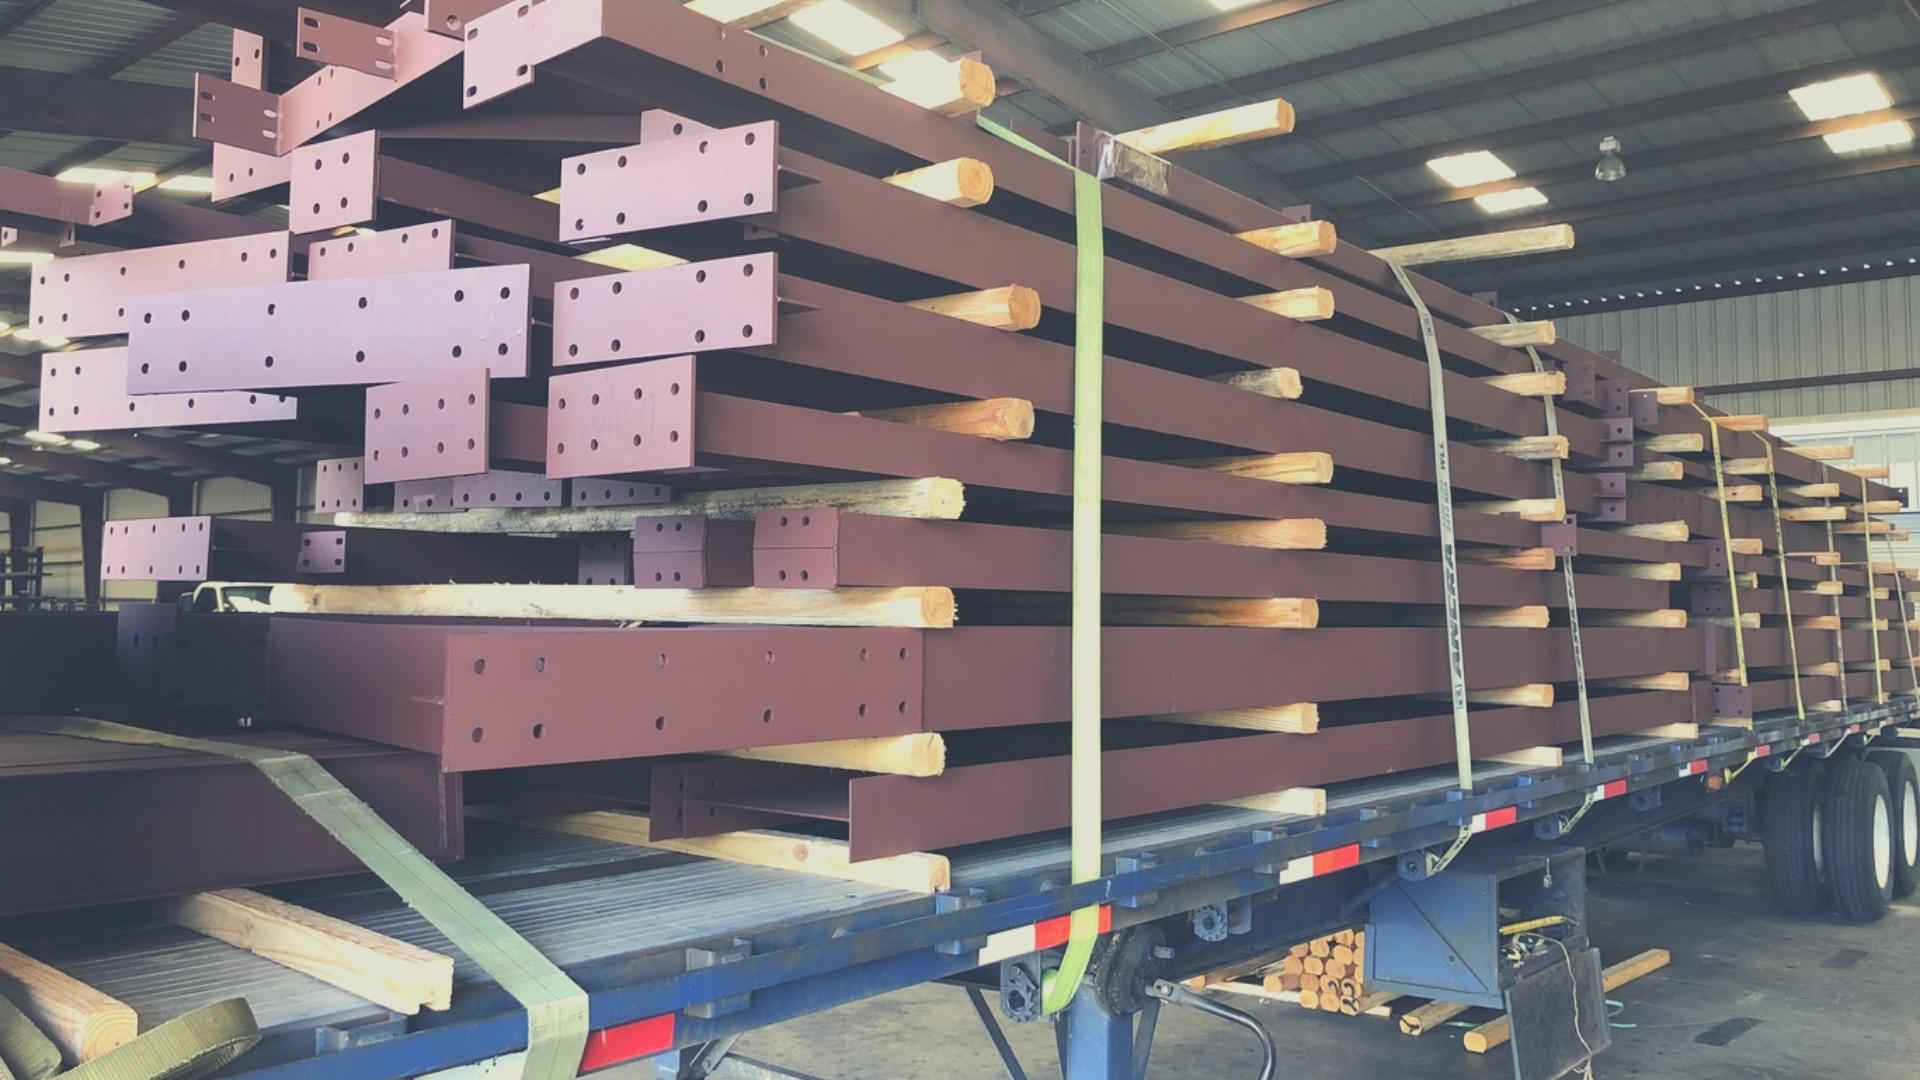 Steel Beams on Truck